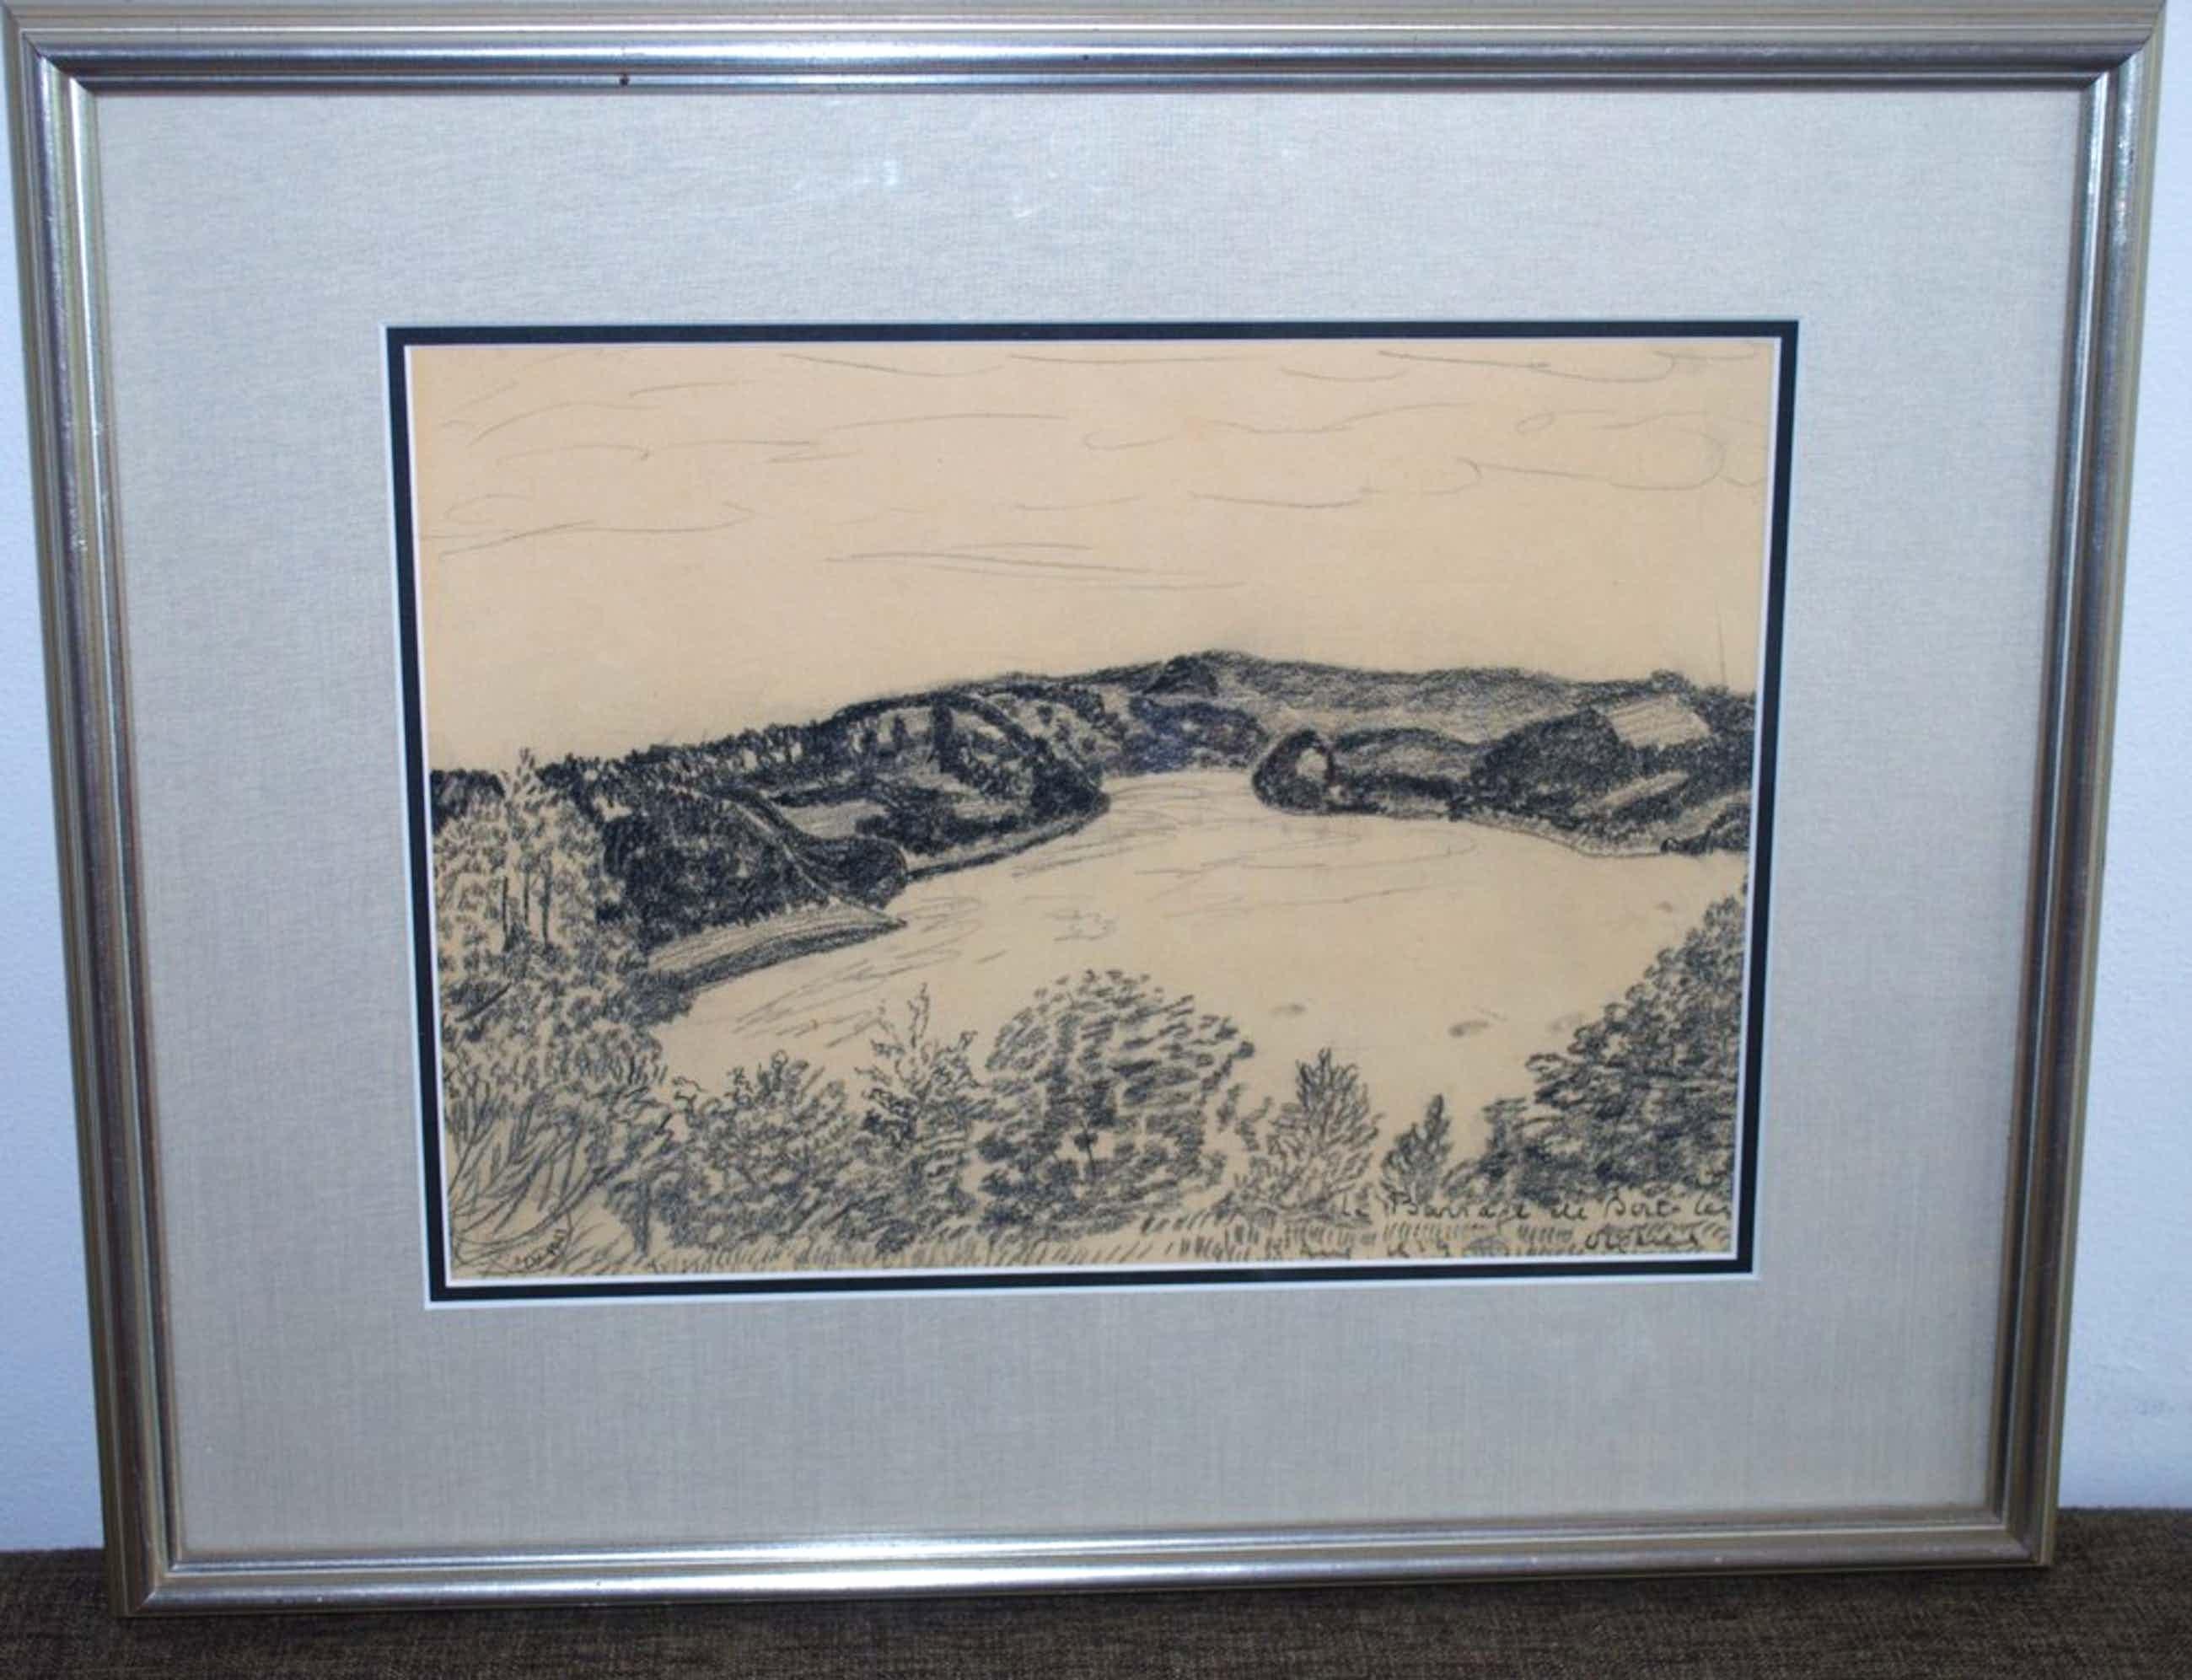 Leo Gestel-tekening met atelierstempel, 1941 kopen? Bied vanaf 75!